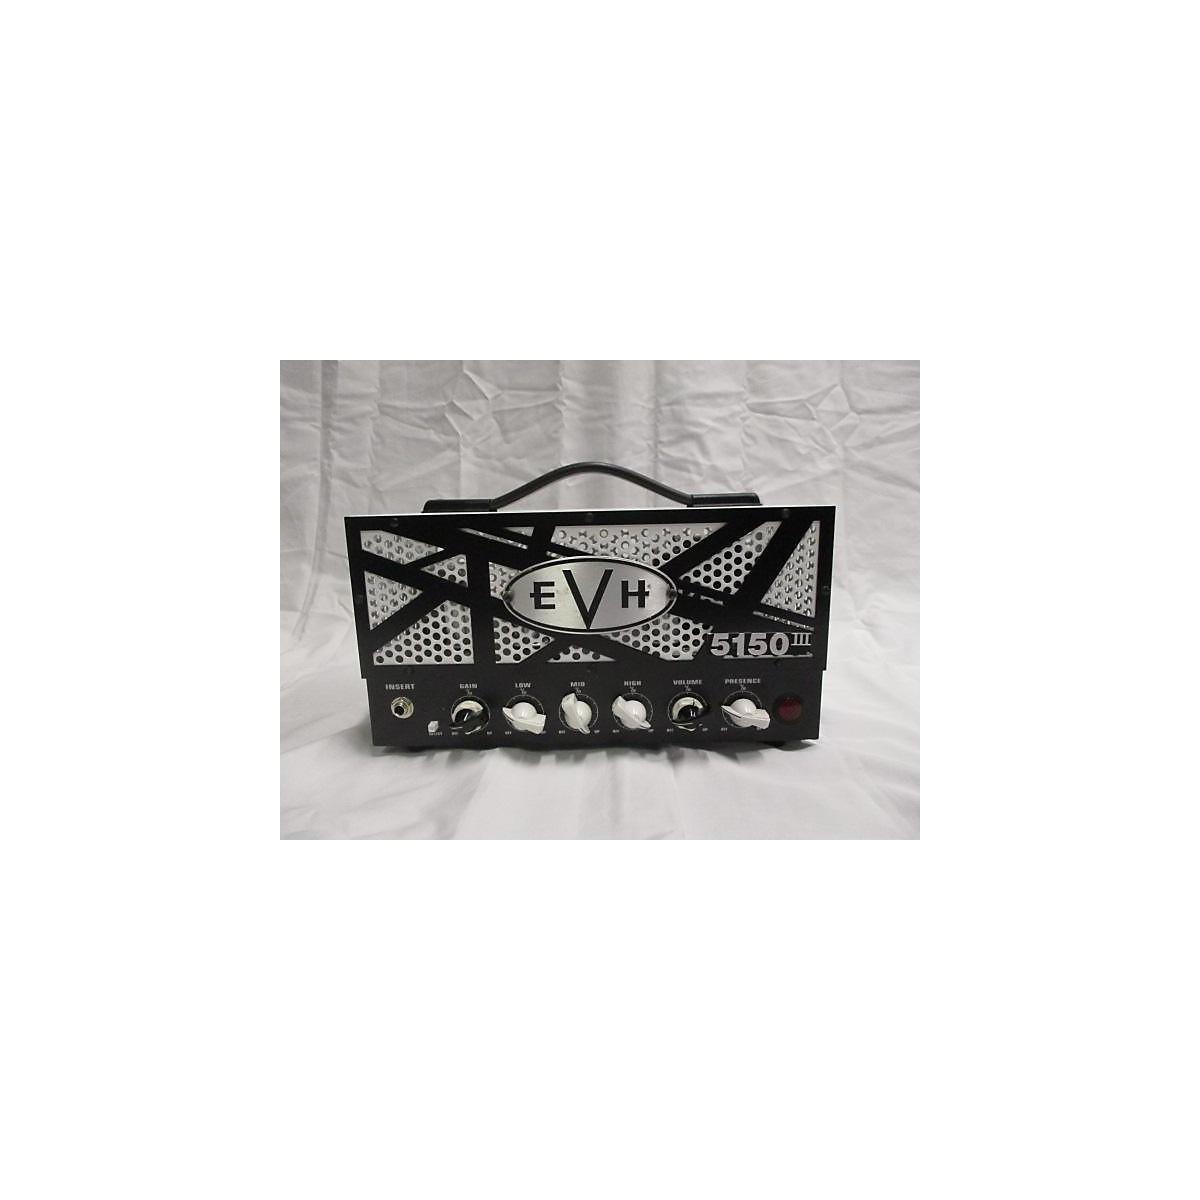 EVH 2019 5150 III 15W Lunchbox Tube Guitar Amp Head